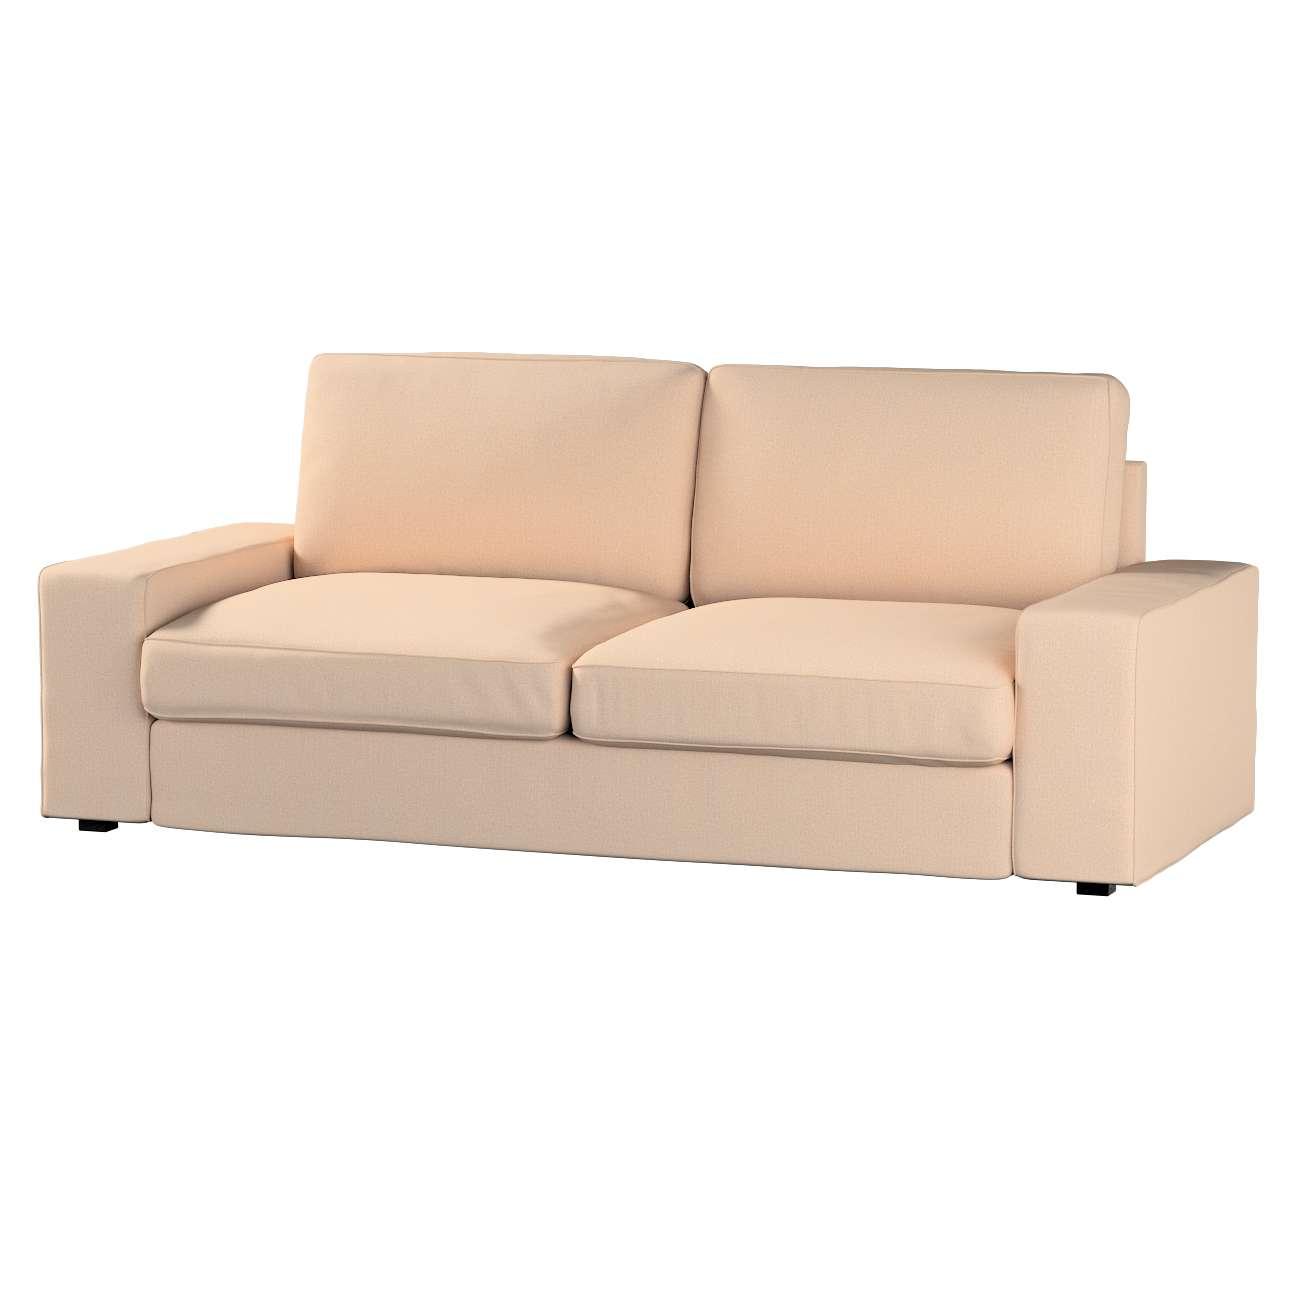 KIVIK trivietės sofos užvalkalas Kivik 3-seat sofa kolekcijoje Edinburgh , audinys: 115-78